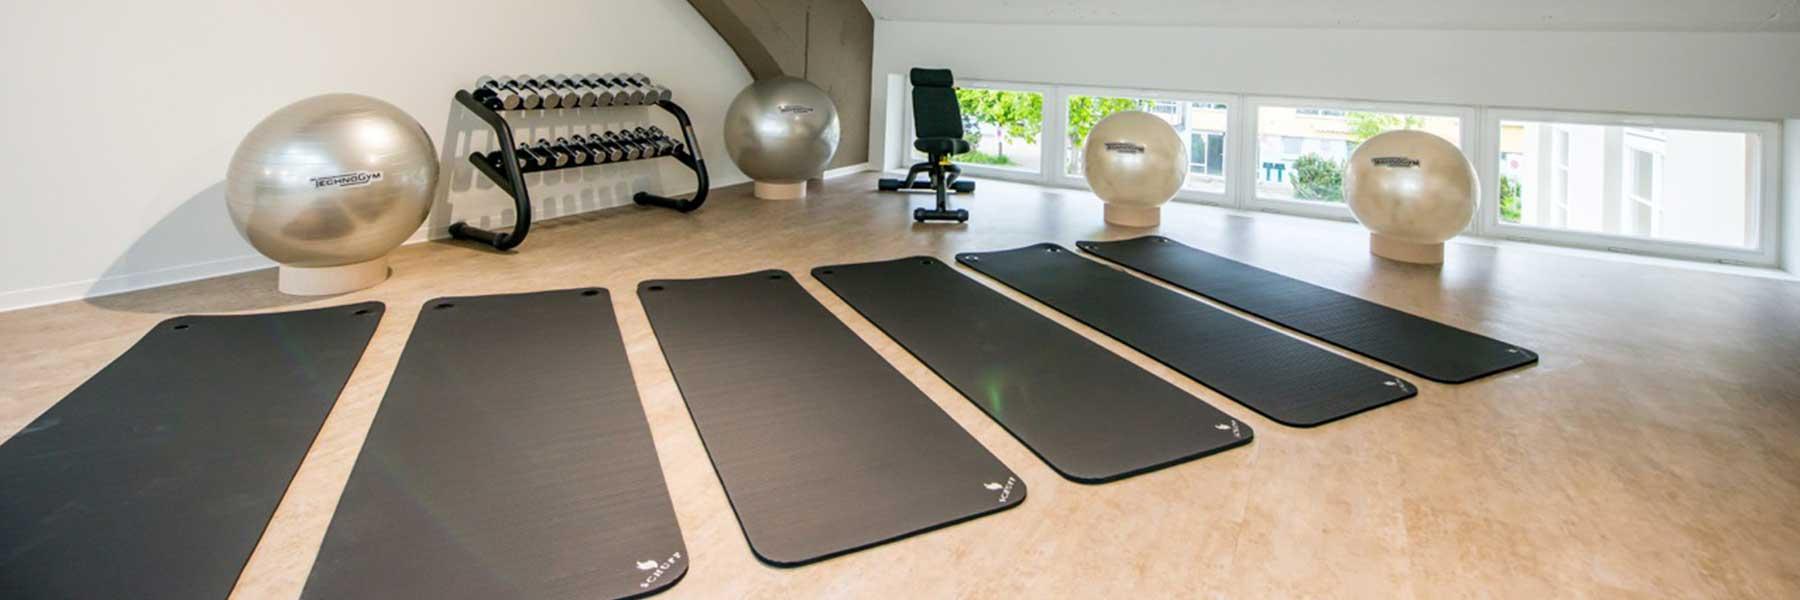 In unserem Trainingszentrum fokussieren wir uns auf die gezielte Förderung Ihrer körperlichen und mentalen Gesundheit